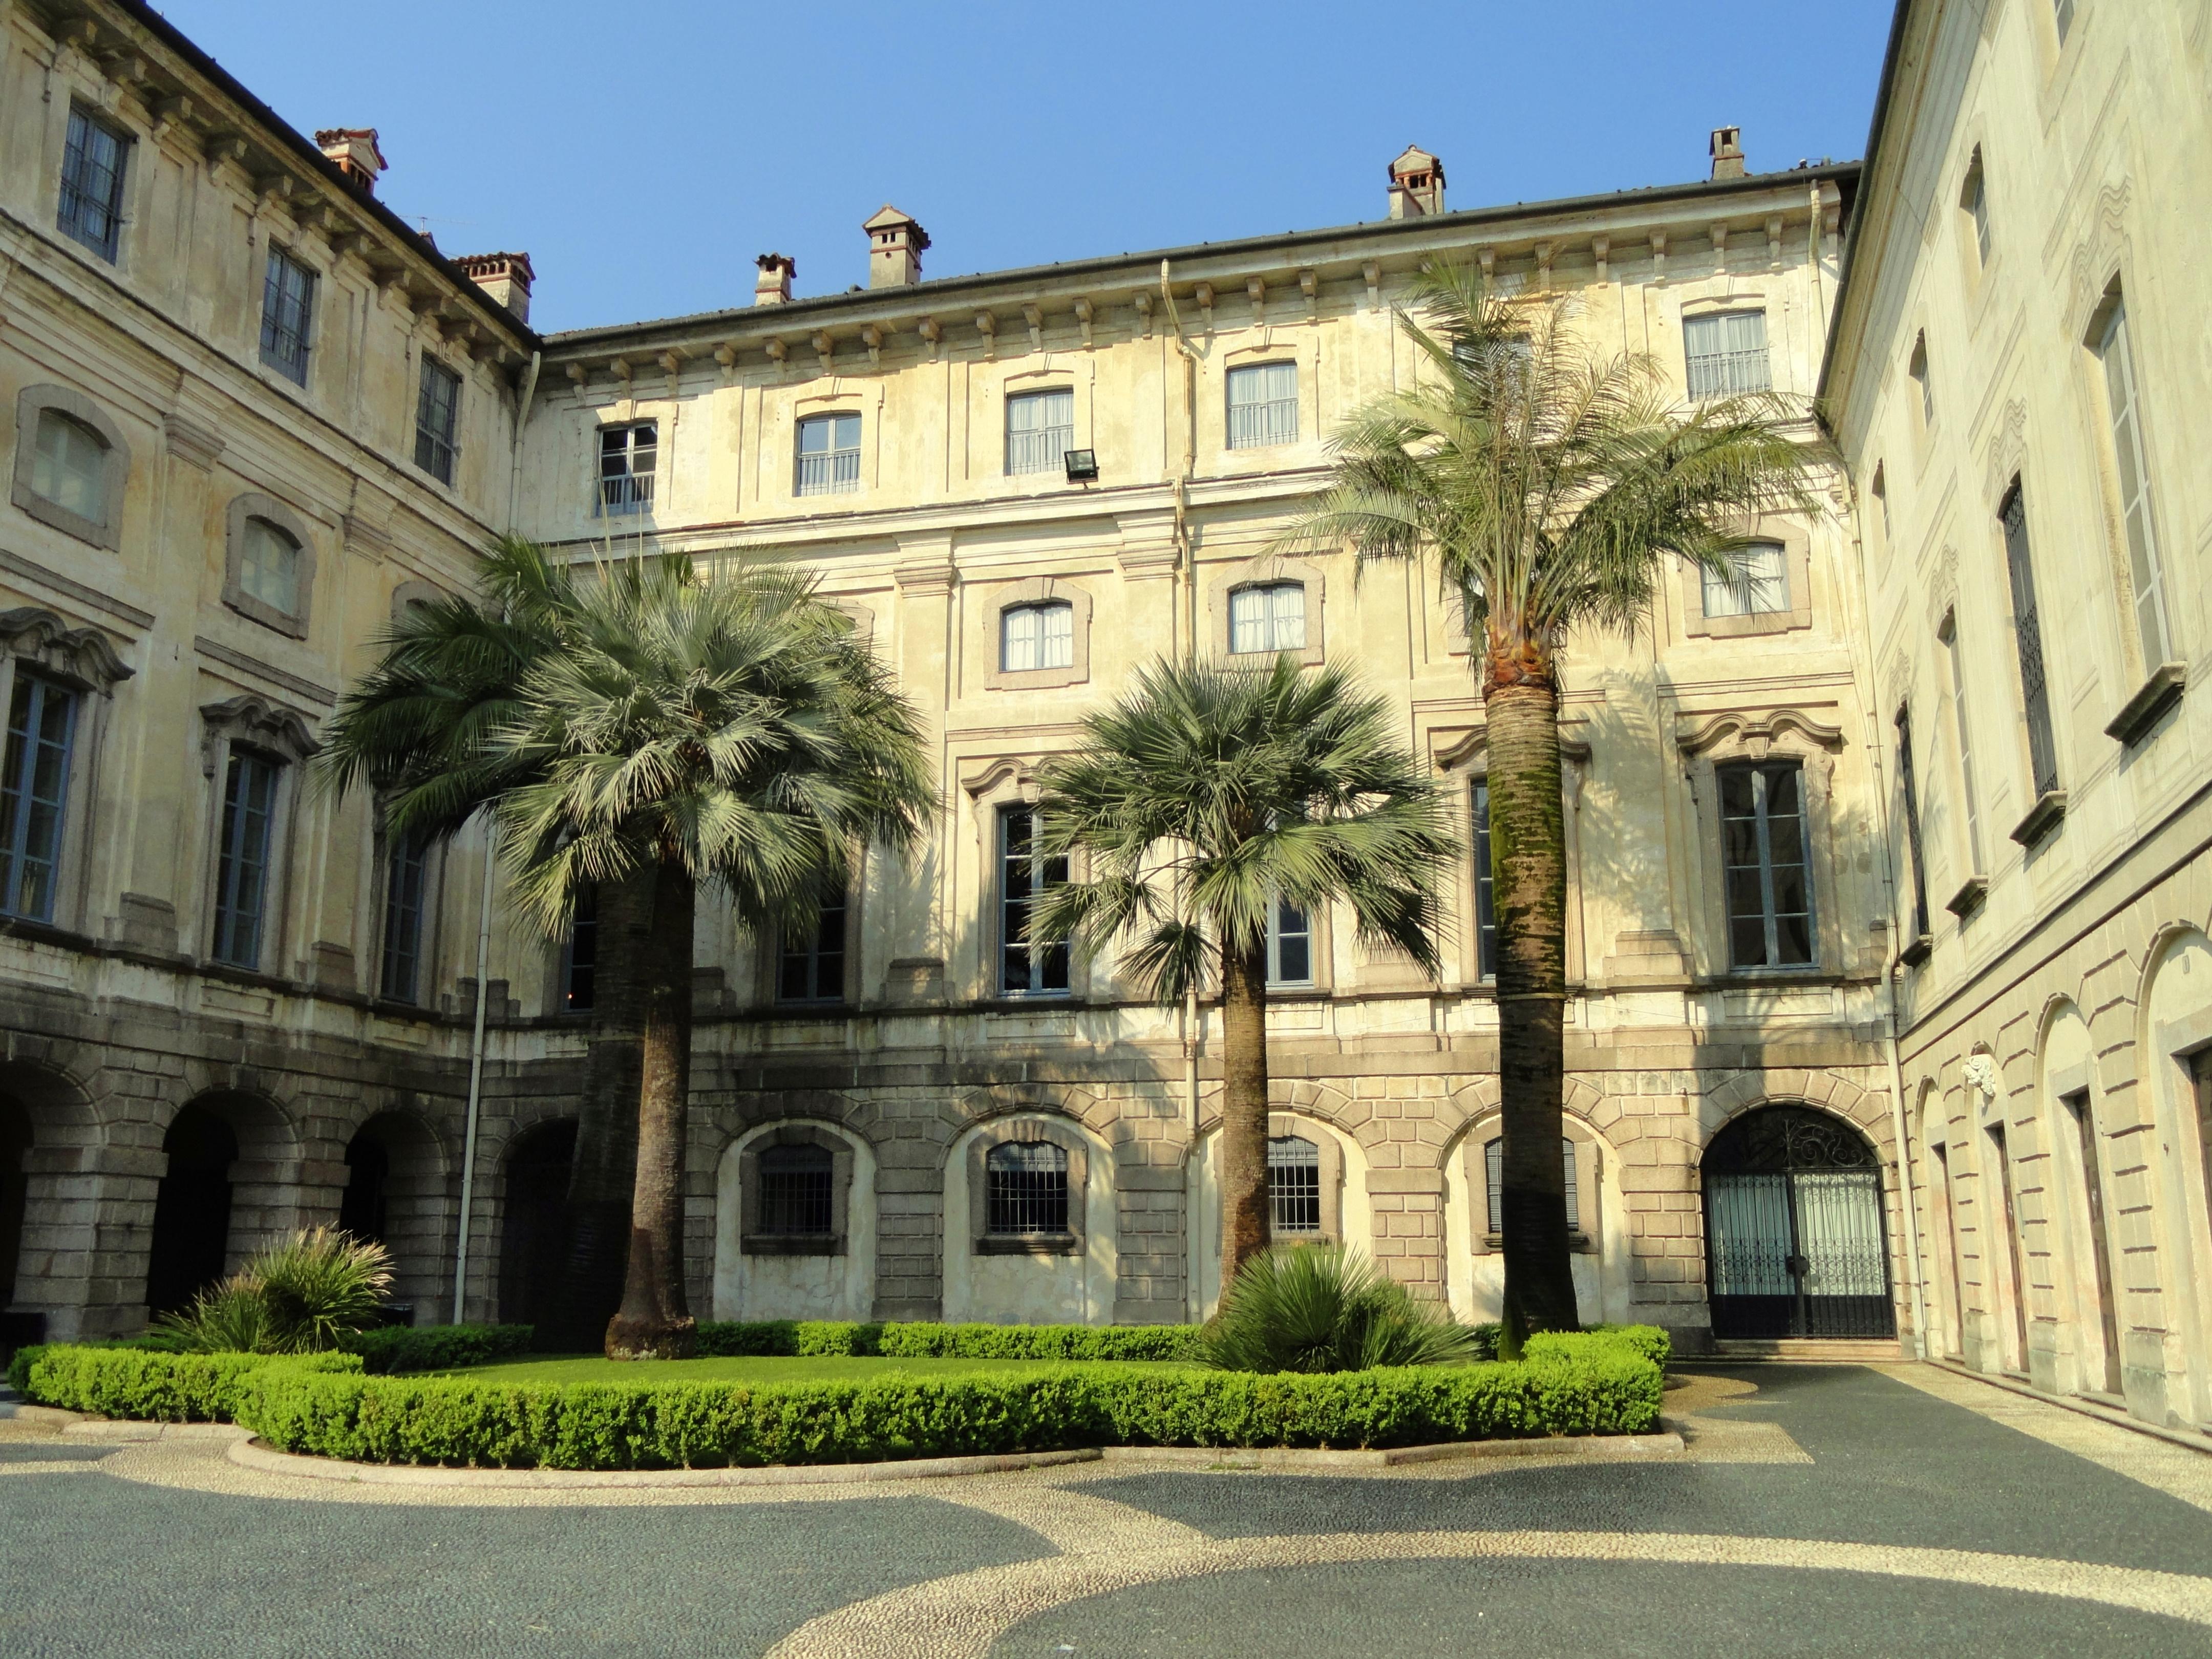 File:Palazzo Borromeo (Isola Bella).